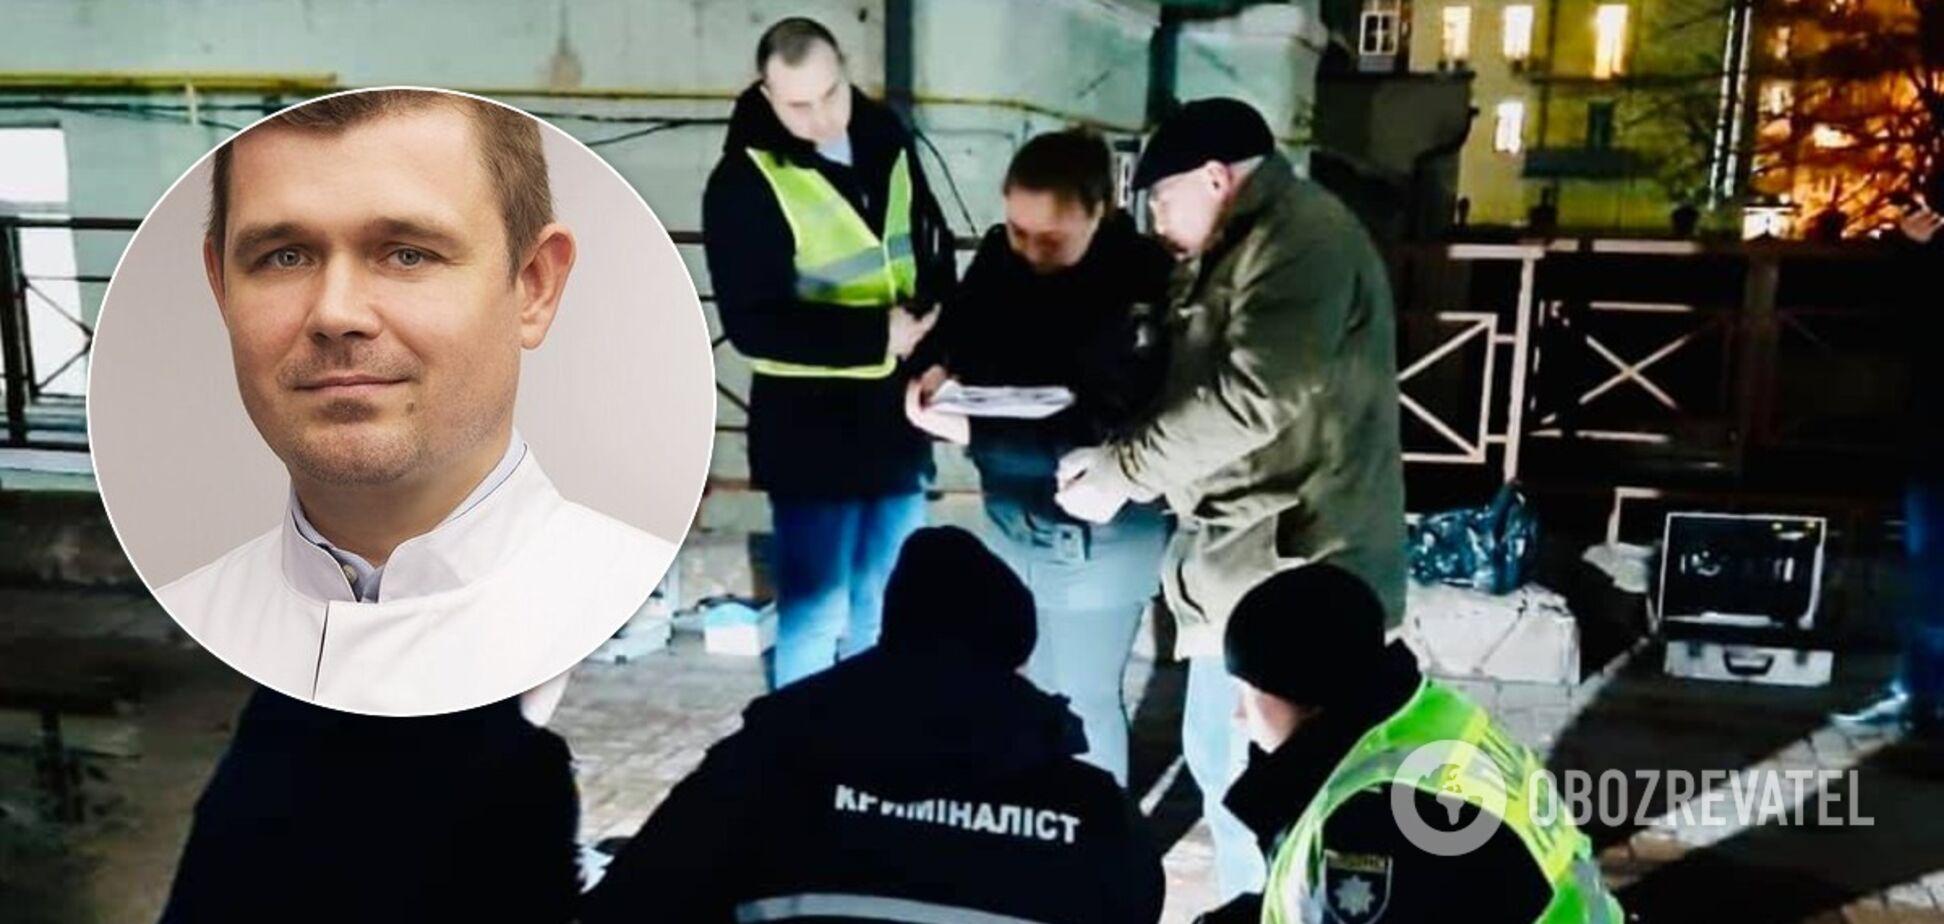 В Одессе поймали подозреваемого в убийстве киевского пластического хирурга